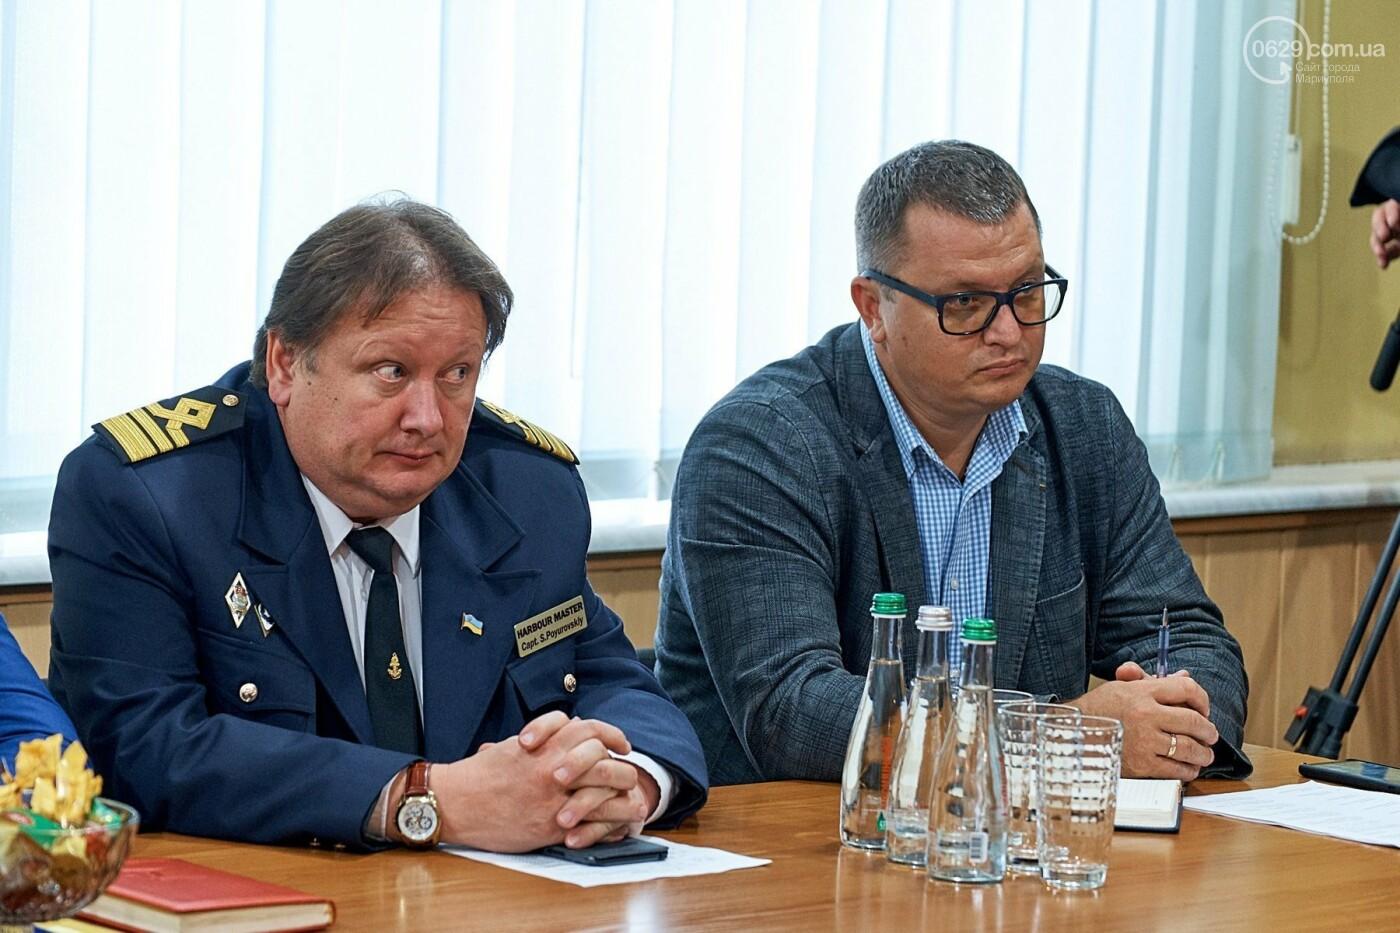 Судьба Азовского судоремонтного завода должна решиться через три недели,- ФОТО, фото-4